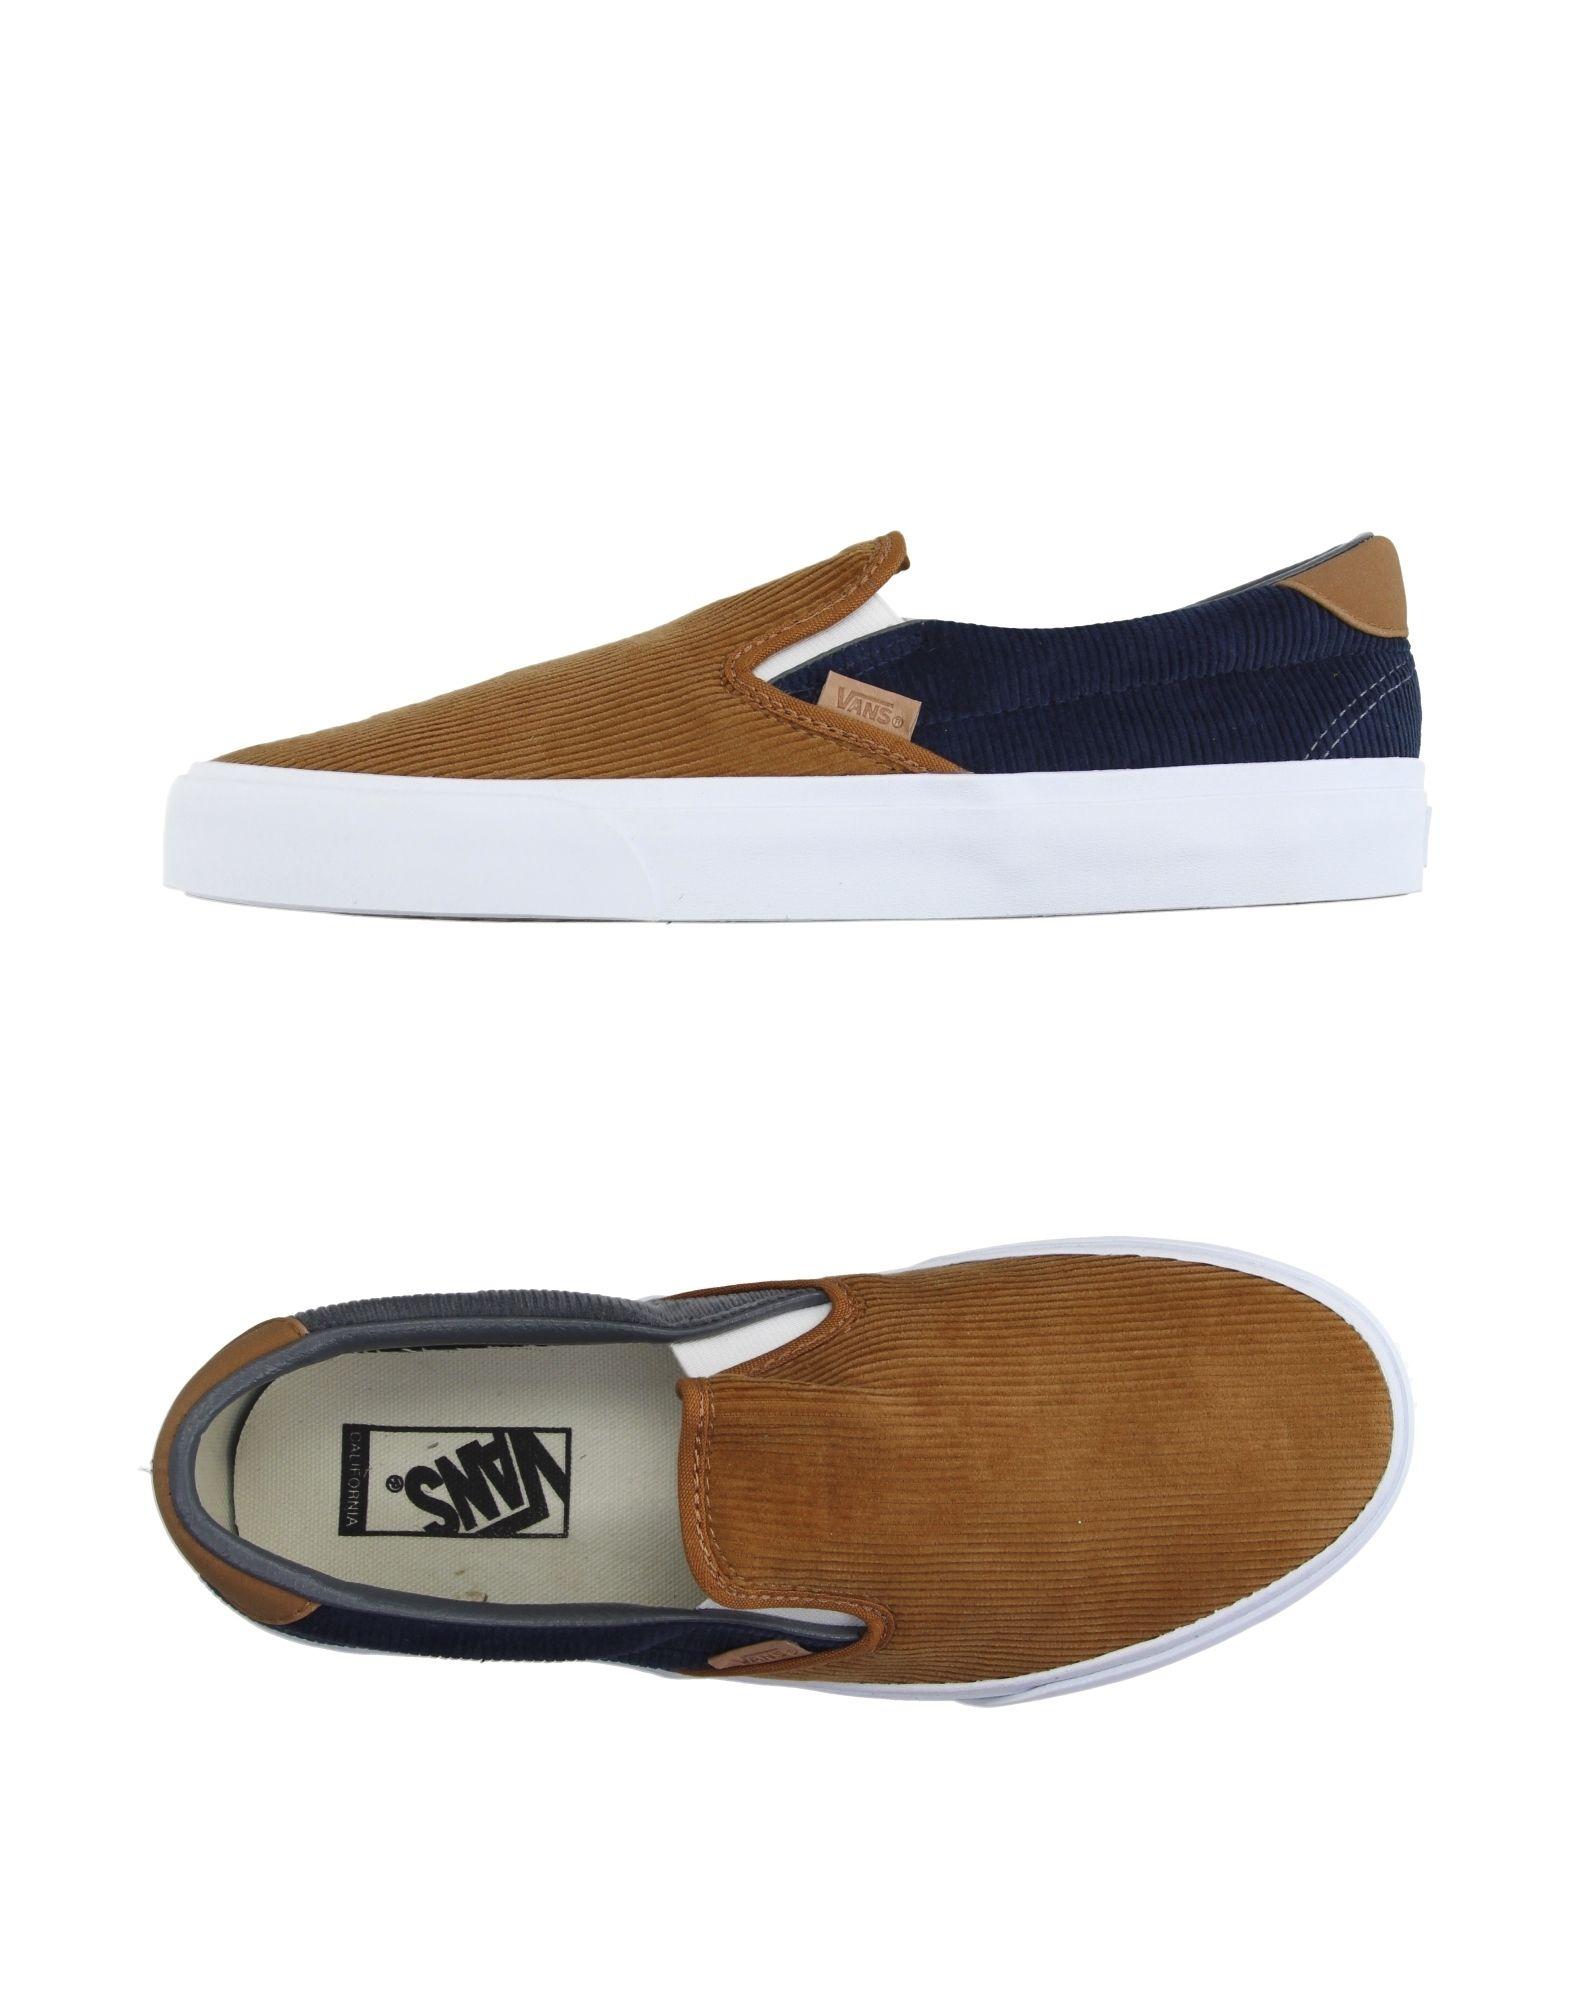 Rabatt echte Schuhe Vans California Sneakers Herren  11007027MG